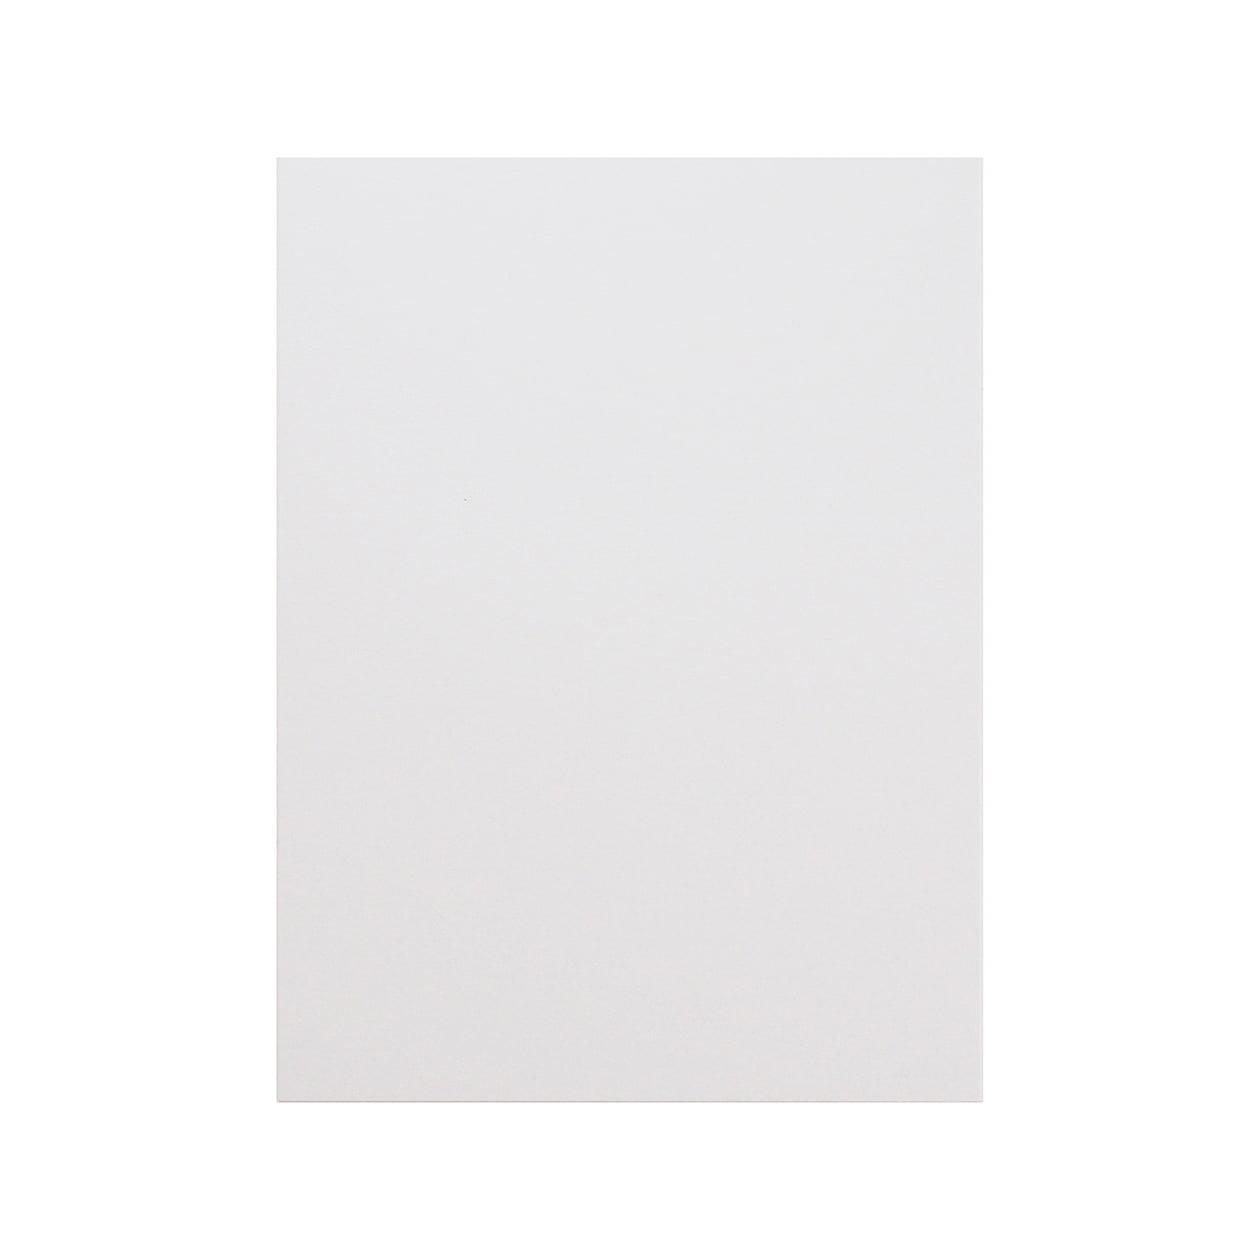 A5カード+30 ボード紙 ハイホワイト 500g